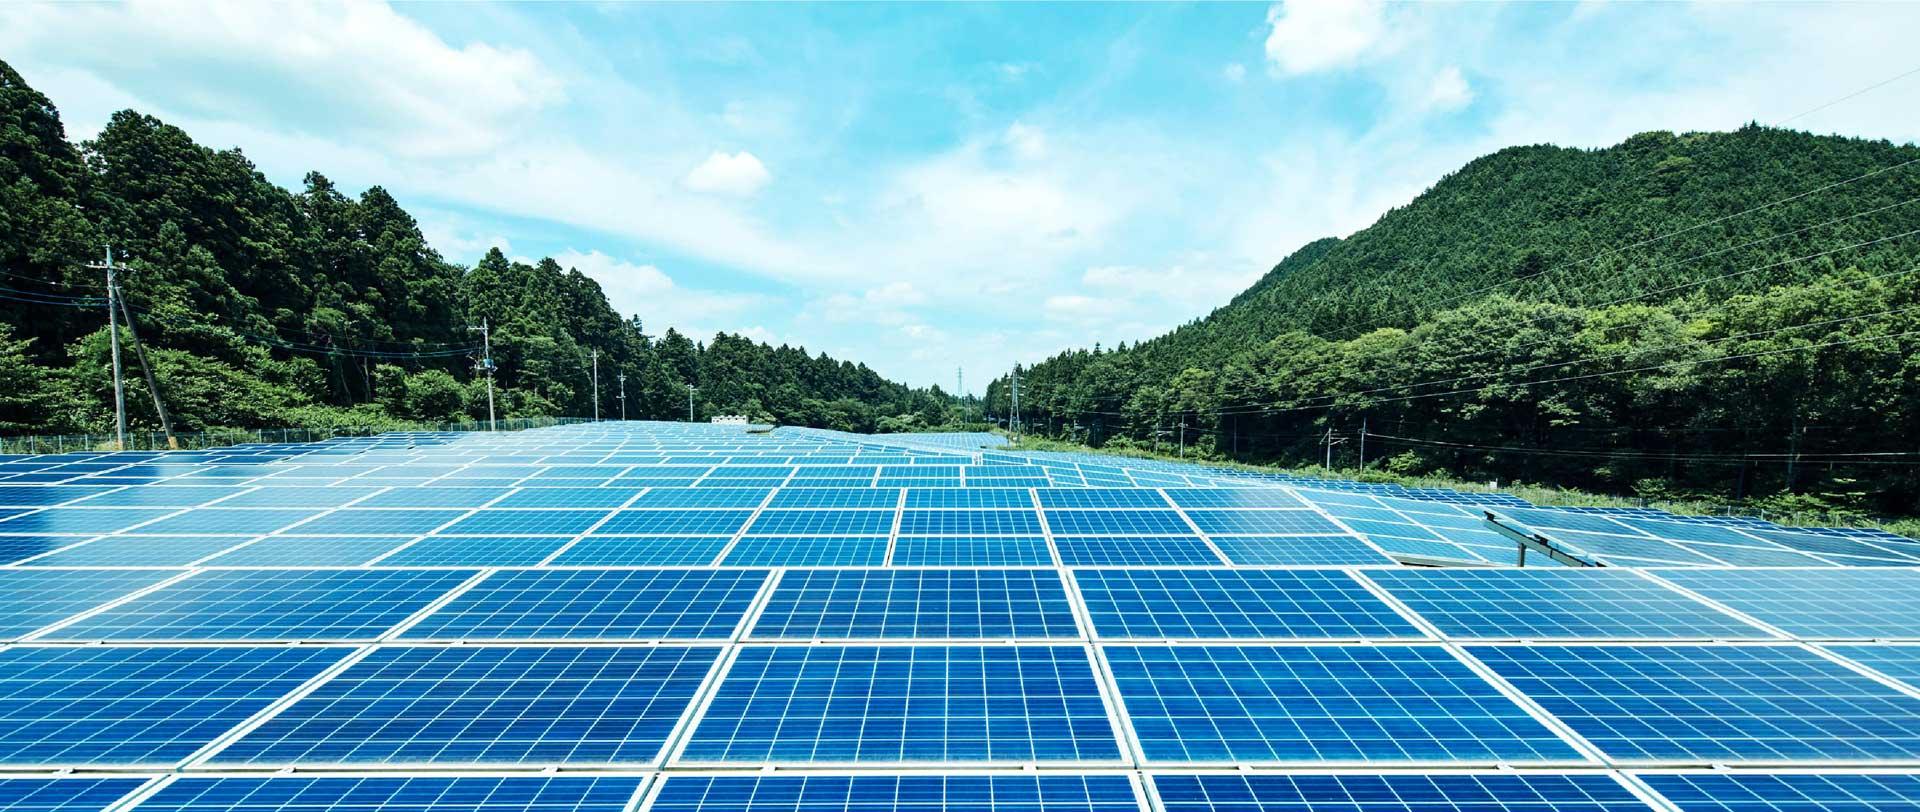 太陽光発電の写真を用いた再生可能エネルギーのイメージ